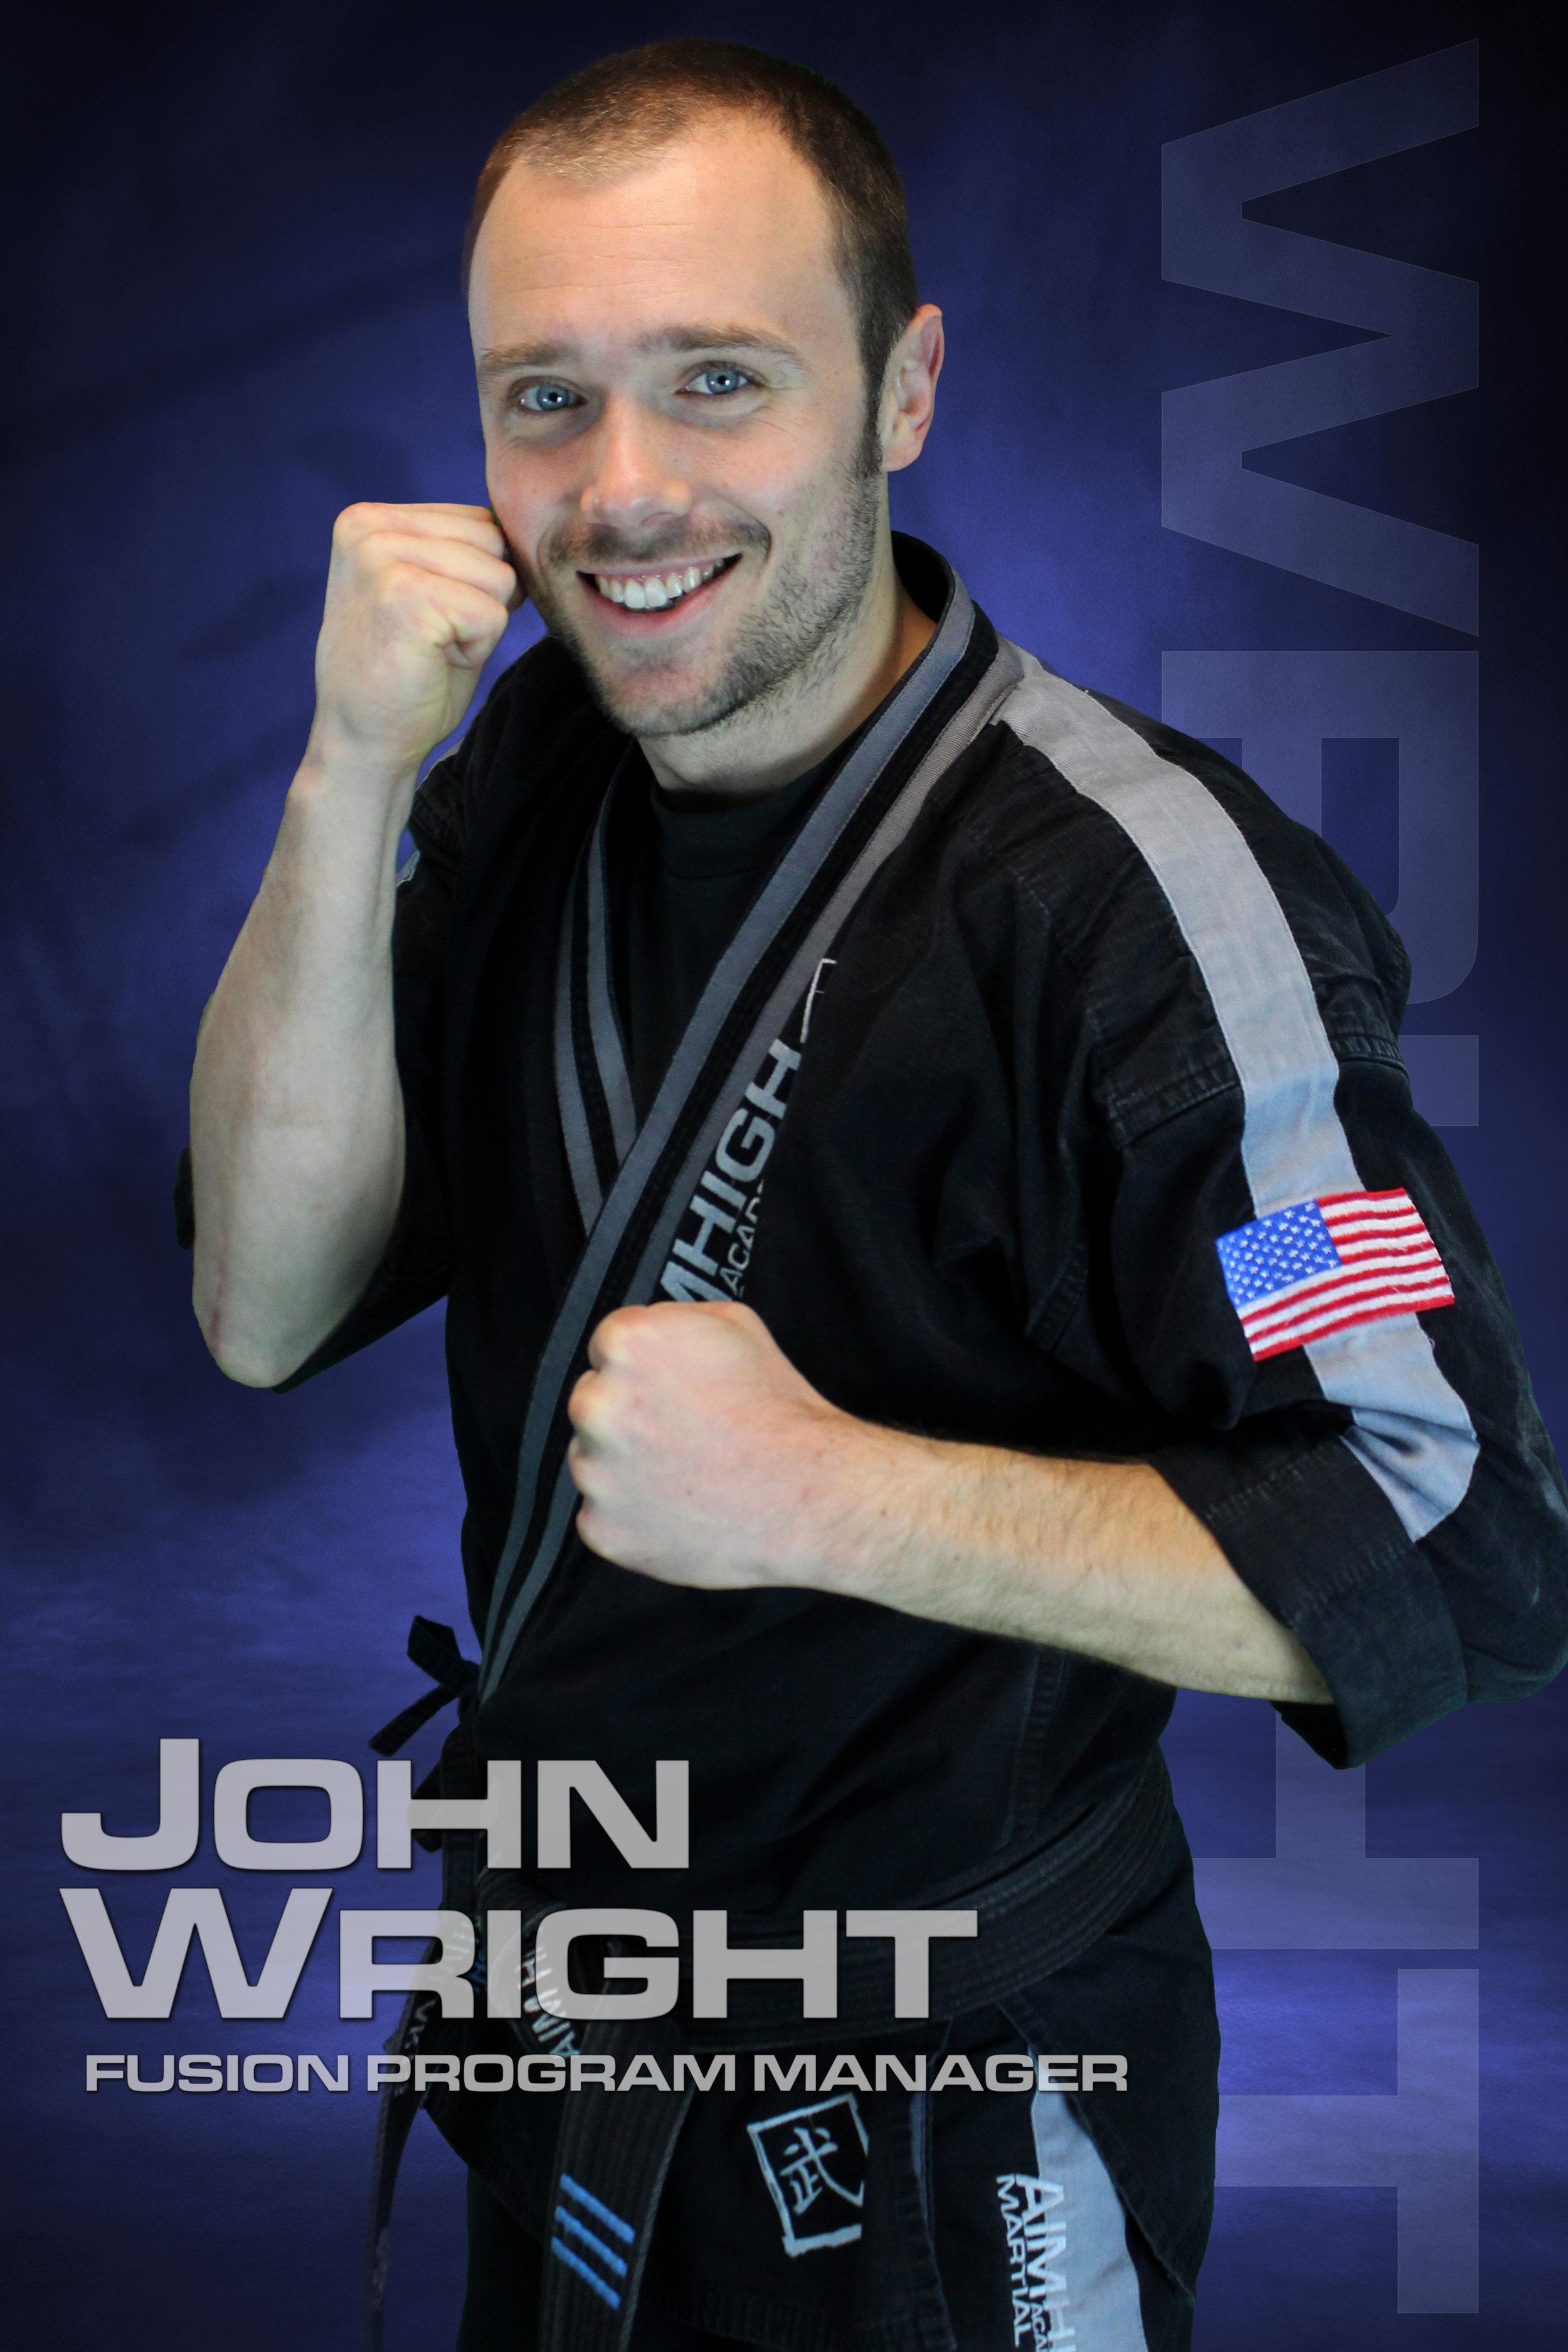 John_poster_20x30.jpg